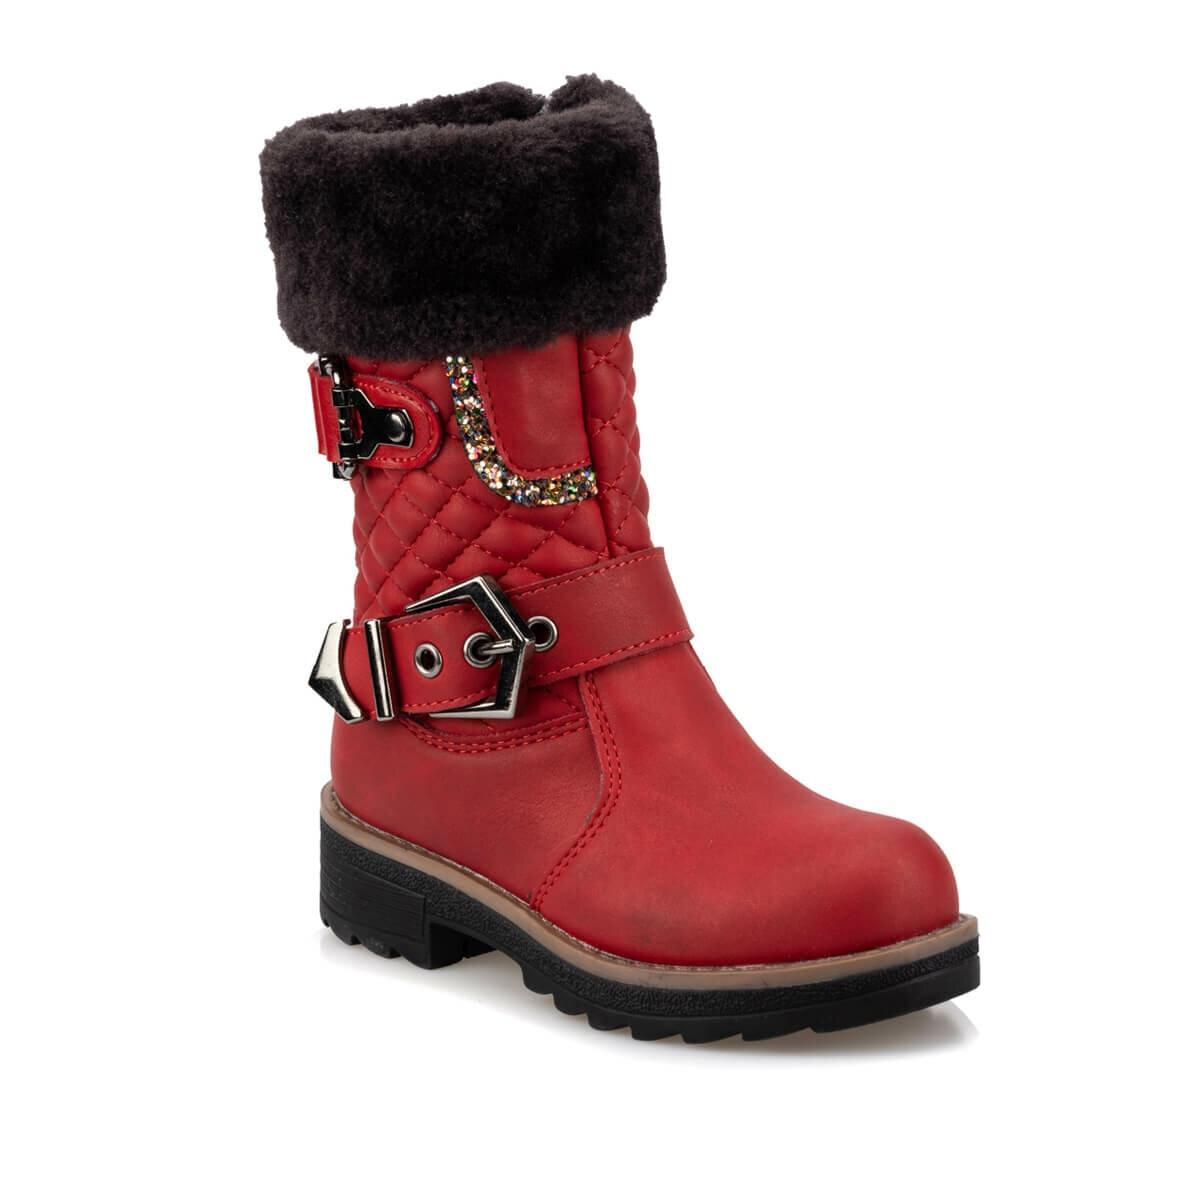 FLO 92.510581.P Red Female Child Boots Polaris